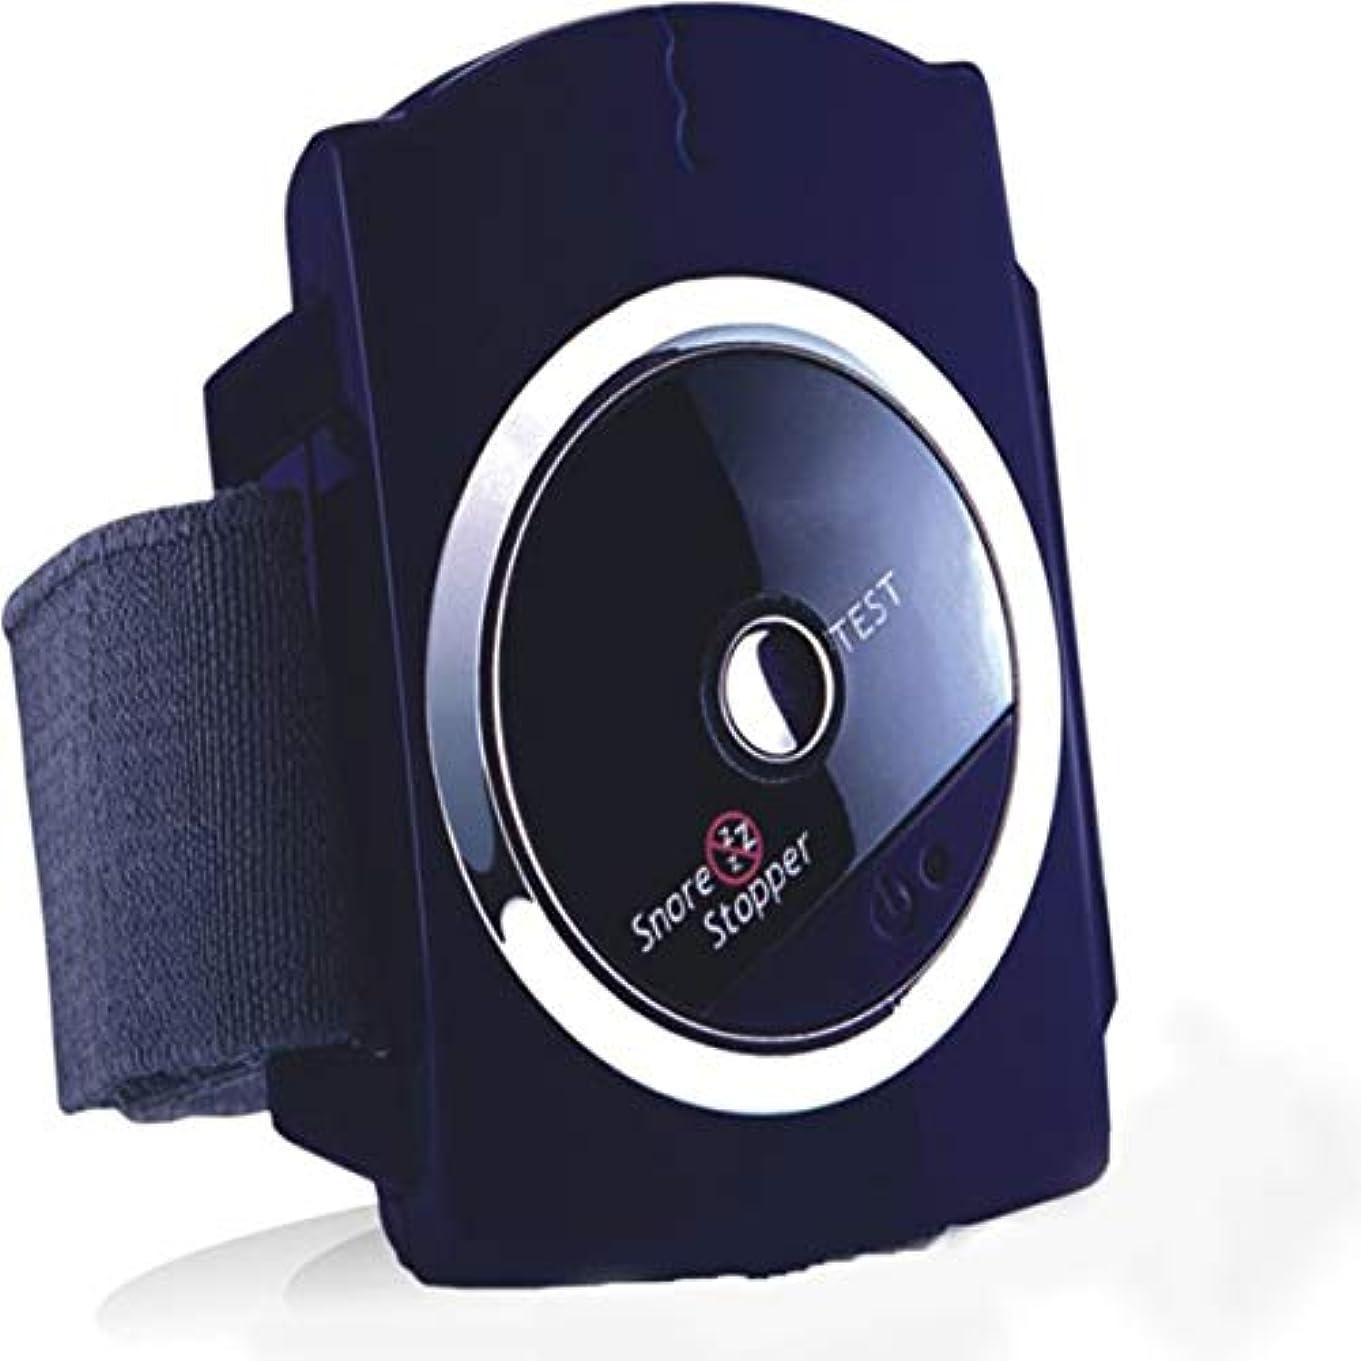 崖フォージポスト印象派Intercoreyスマートいびきストッパーいびきバイオセンサー赤外線停止アンチいびきデバイスリストバンド時計睡眠エイドを検出